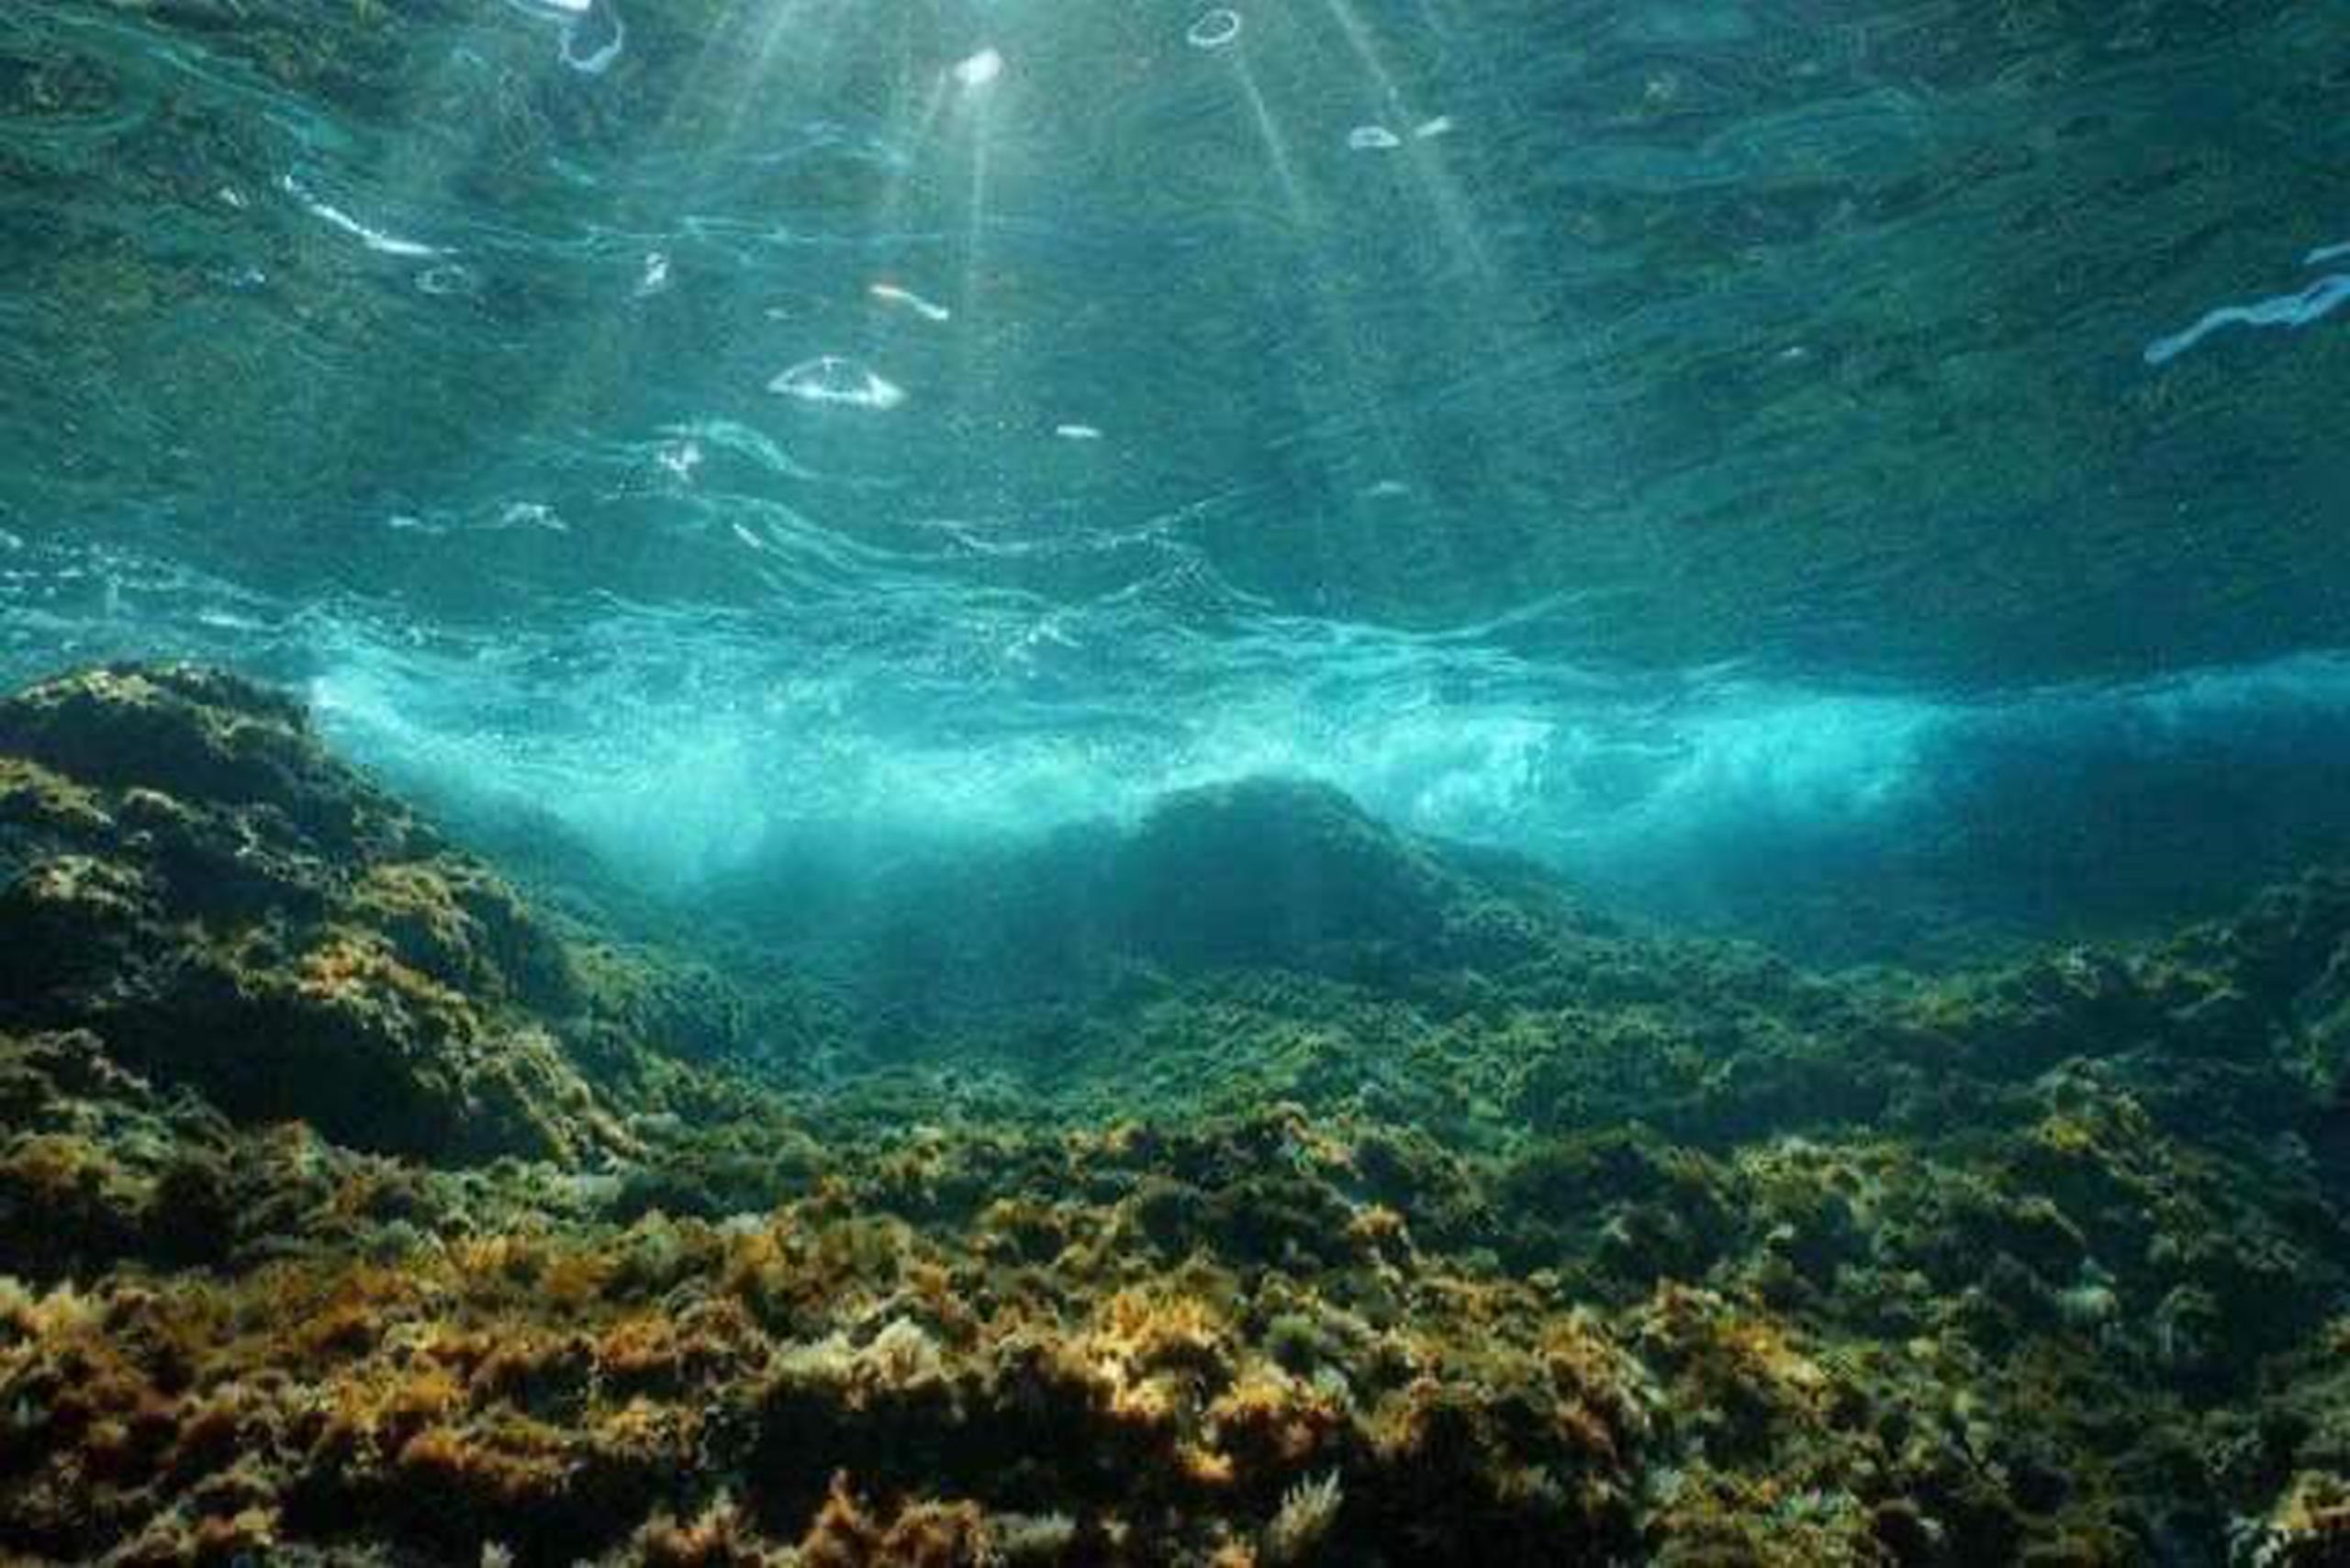 UNESCO: Chu trình hấp thụ CO2 của đại dương có thể bị đảo ngược, góp phần vào sự nóng lên toàn cầu